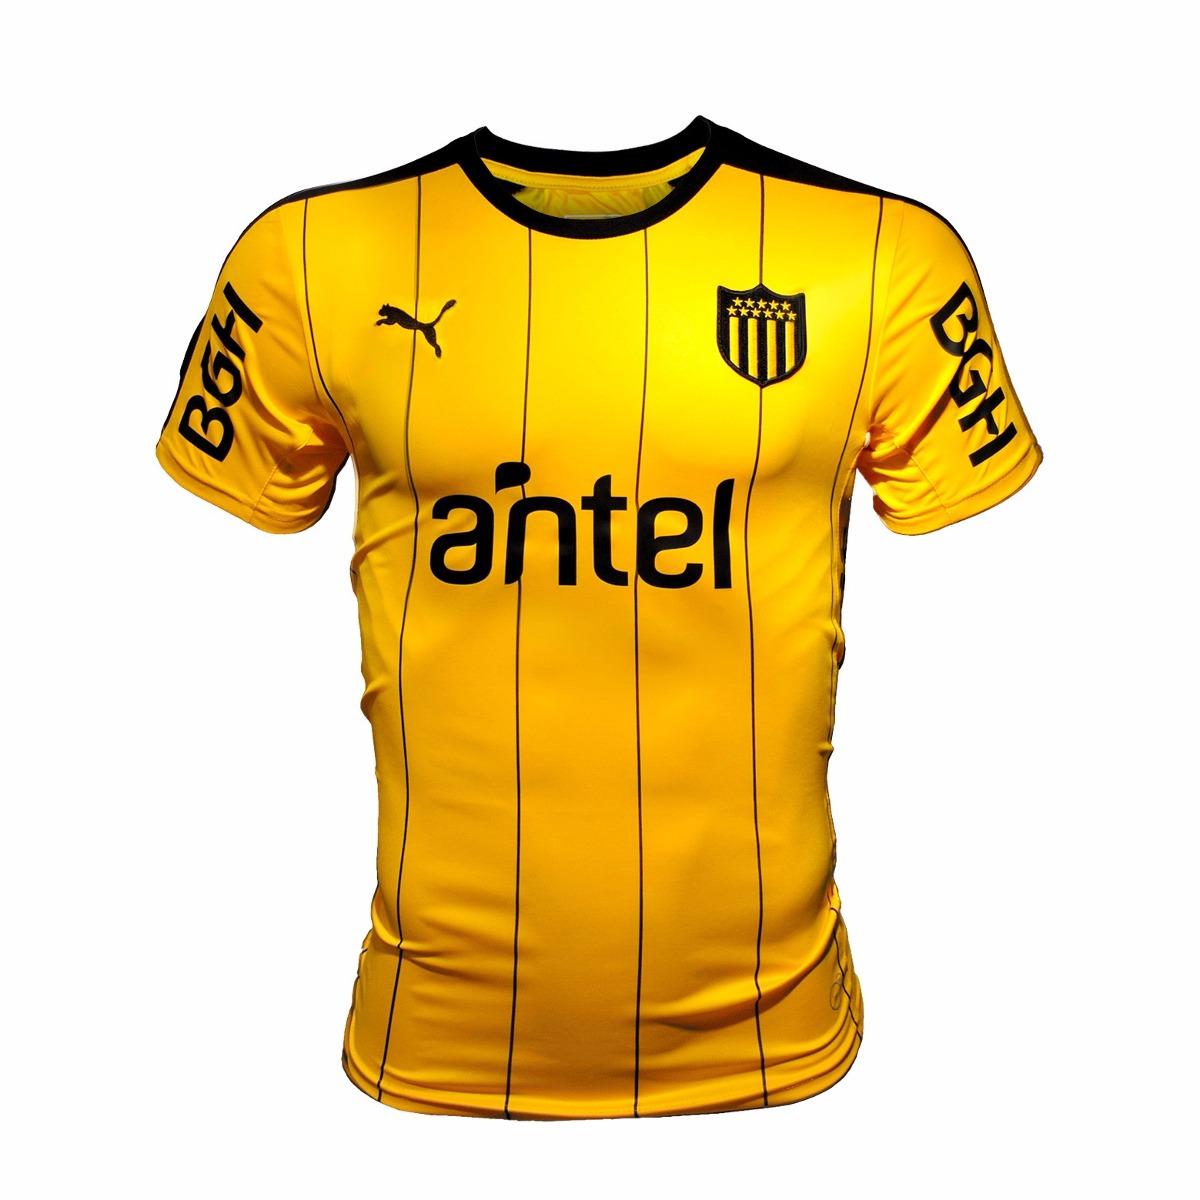 Camiseta Club Atlético Peñarol  e748e89a2d0a5